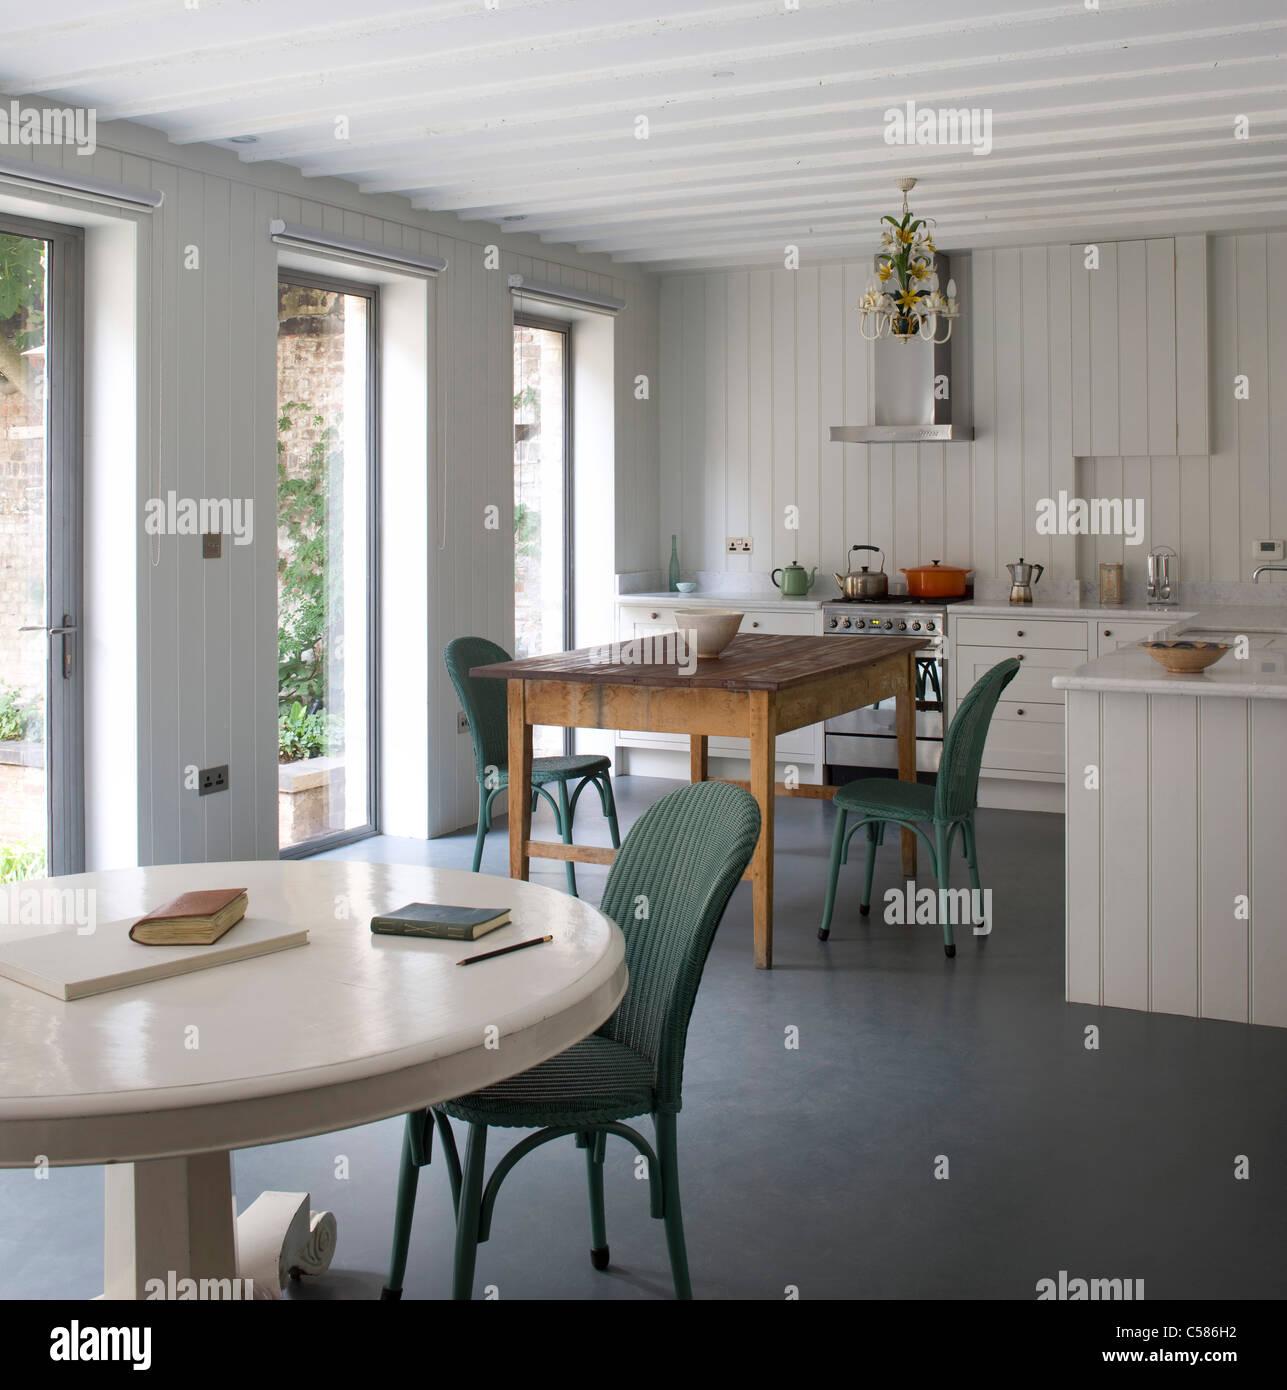 Perfecto Pedestal De Mesa De La Cocina Cresta - Ideas de Decoración ...